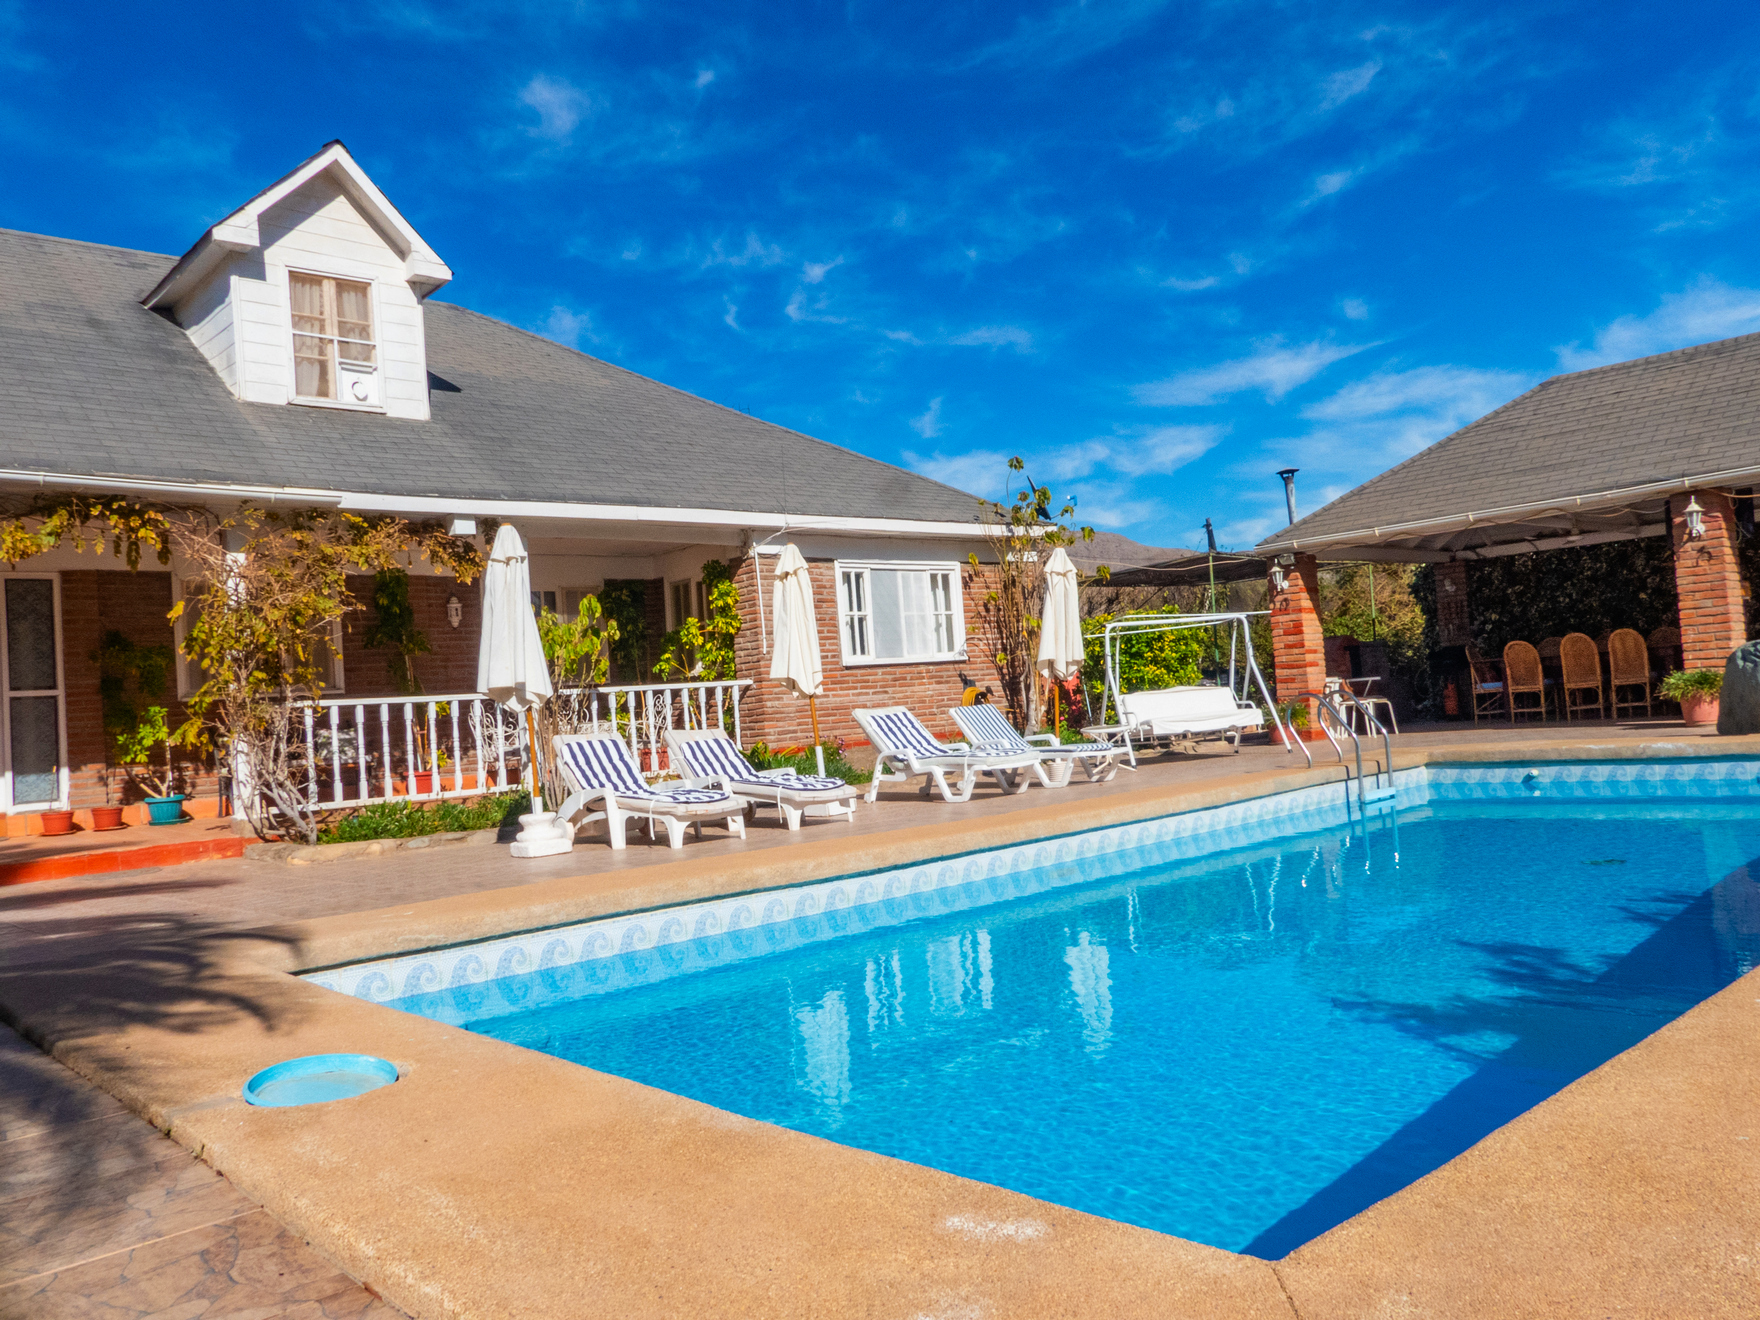 Hermosa Parcela con 2 casas, piscina y quincho, Vicuña. 14.430 UF